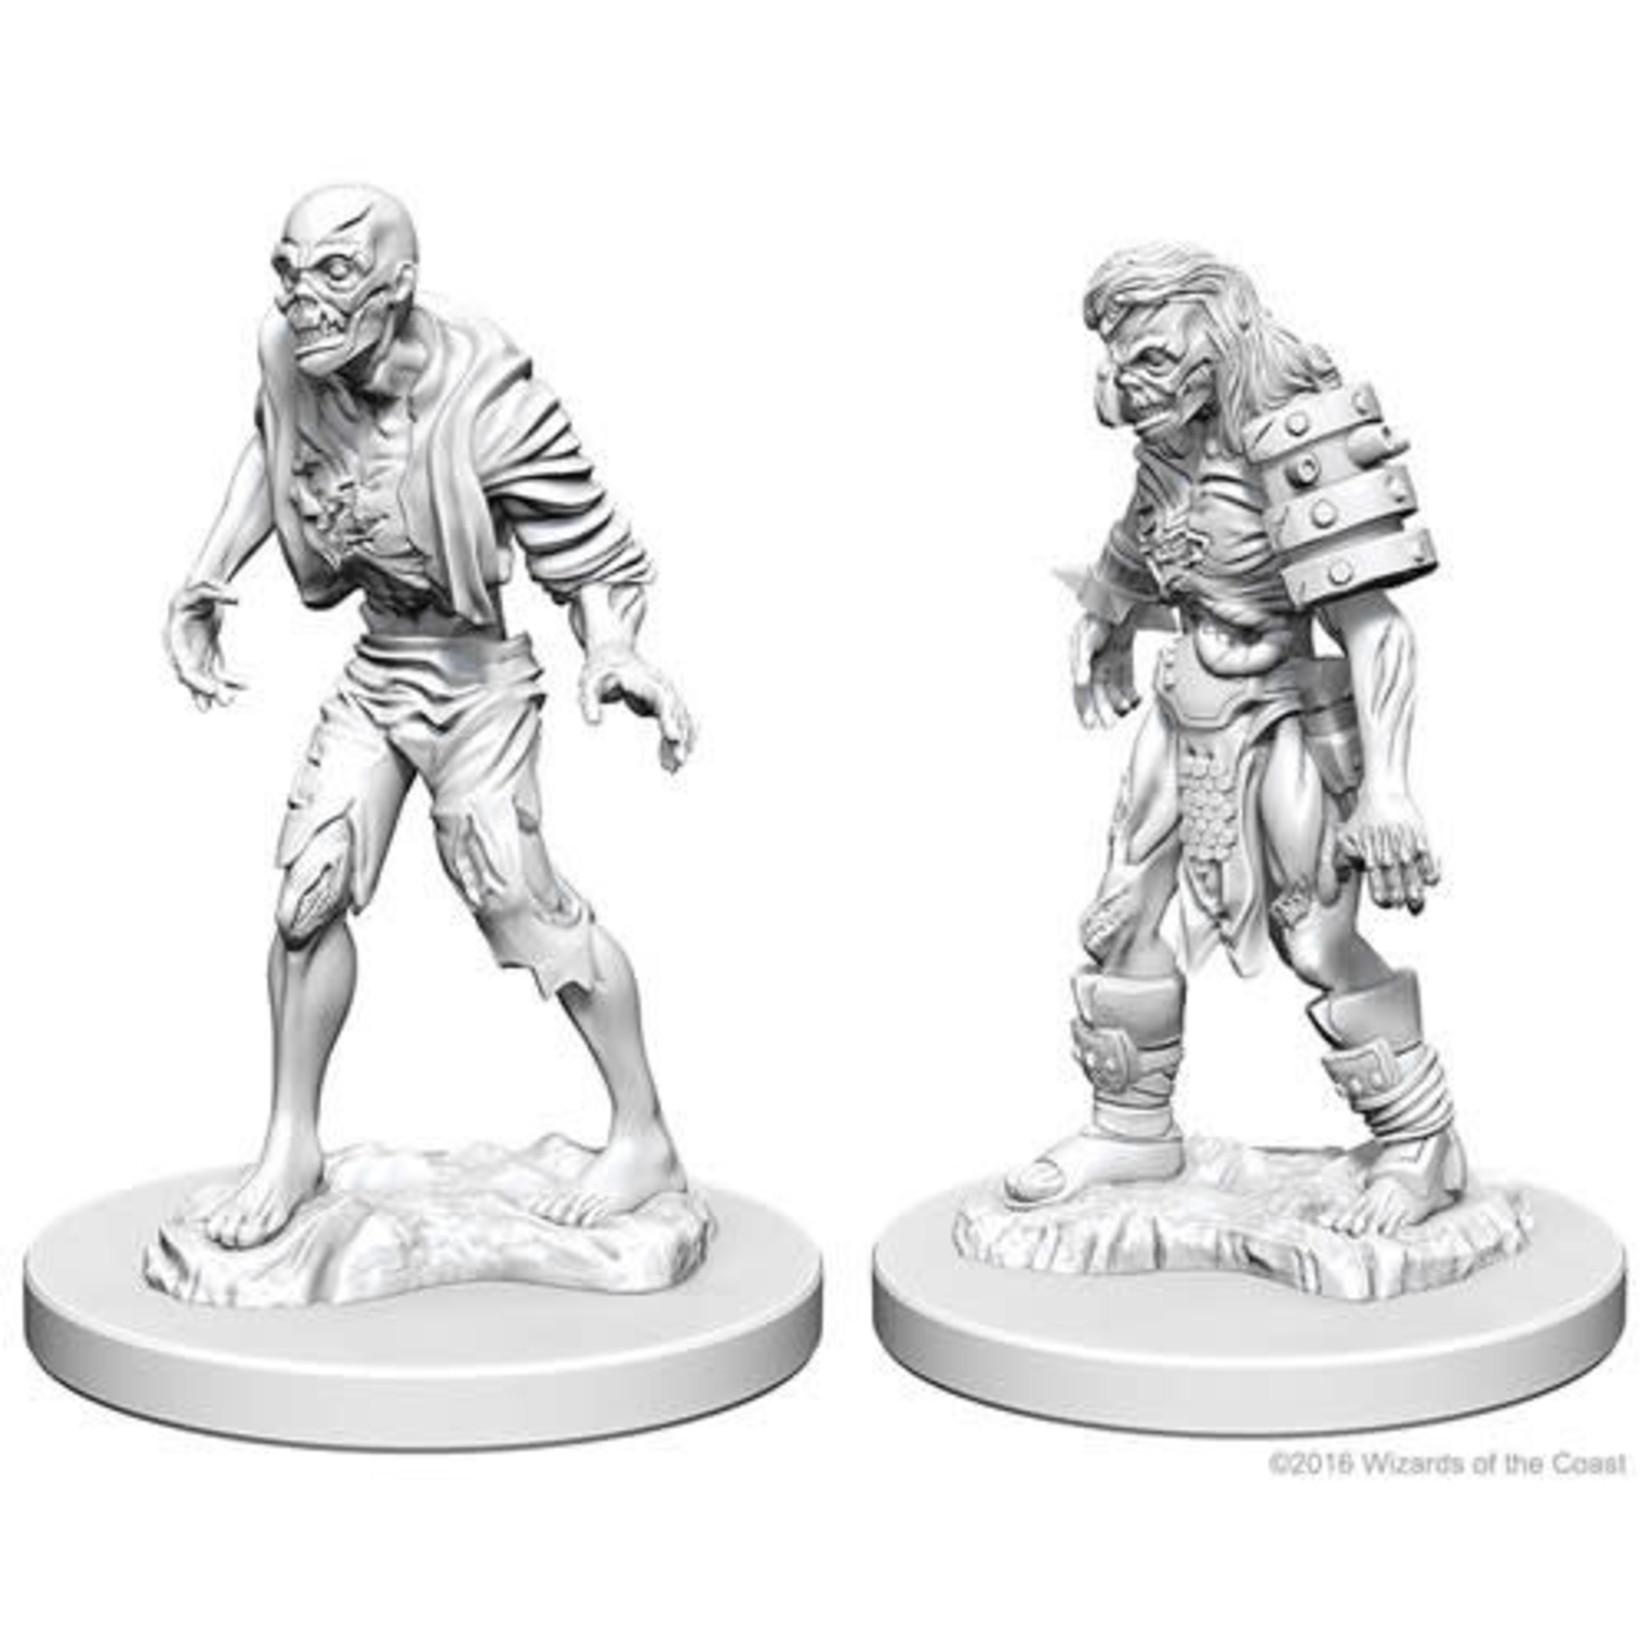 D&D Unpainted Minis: Zombies